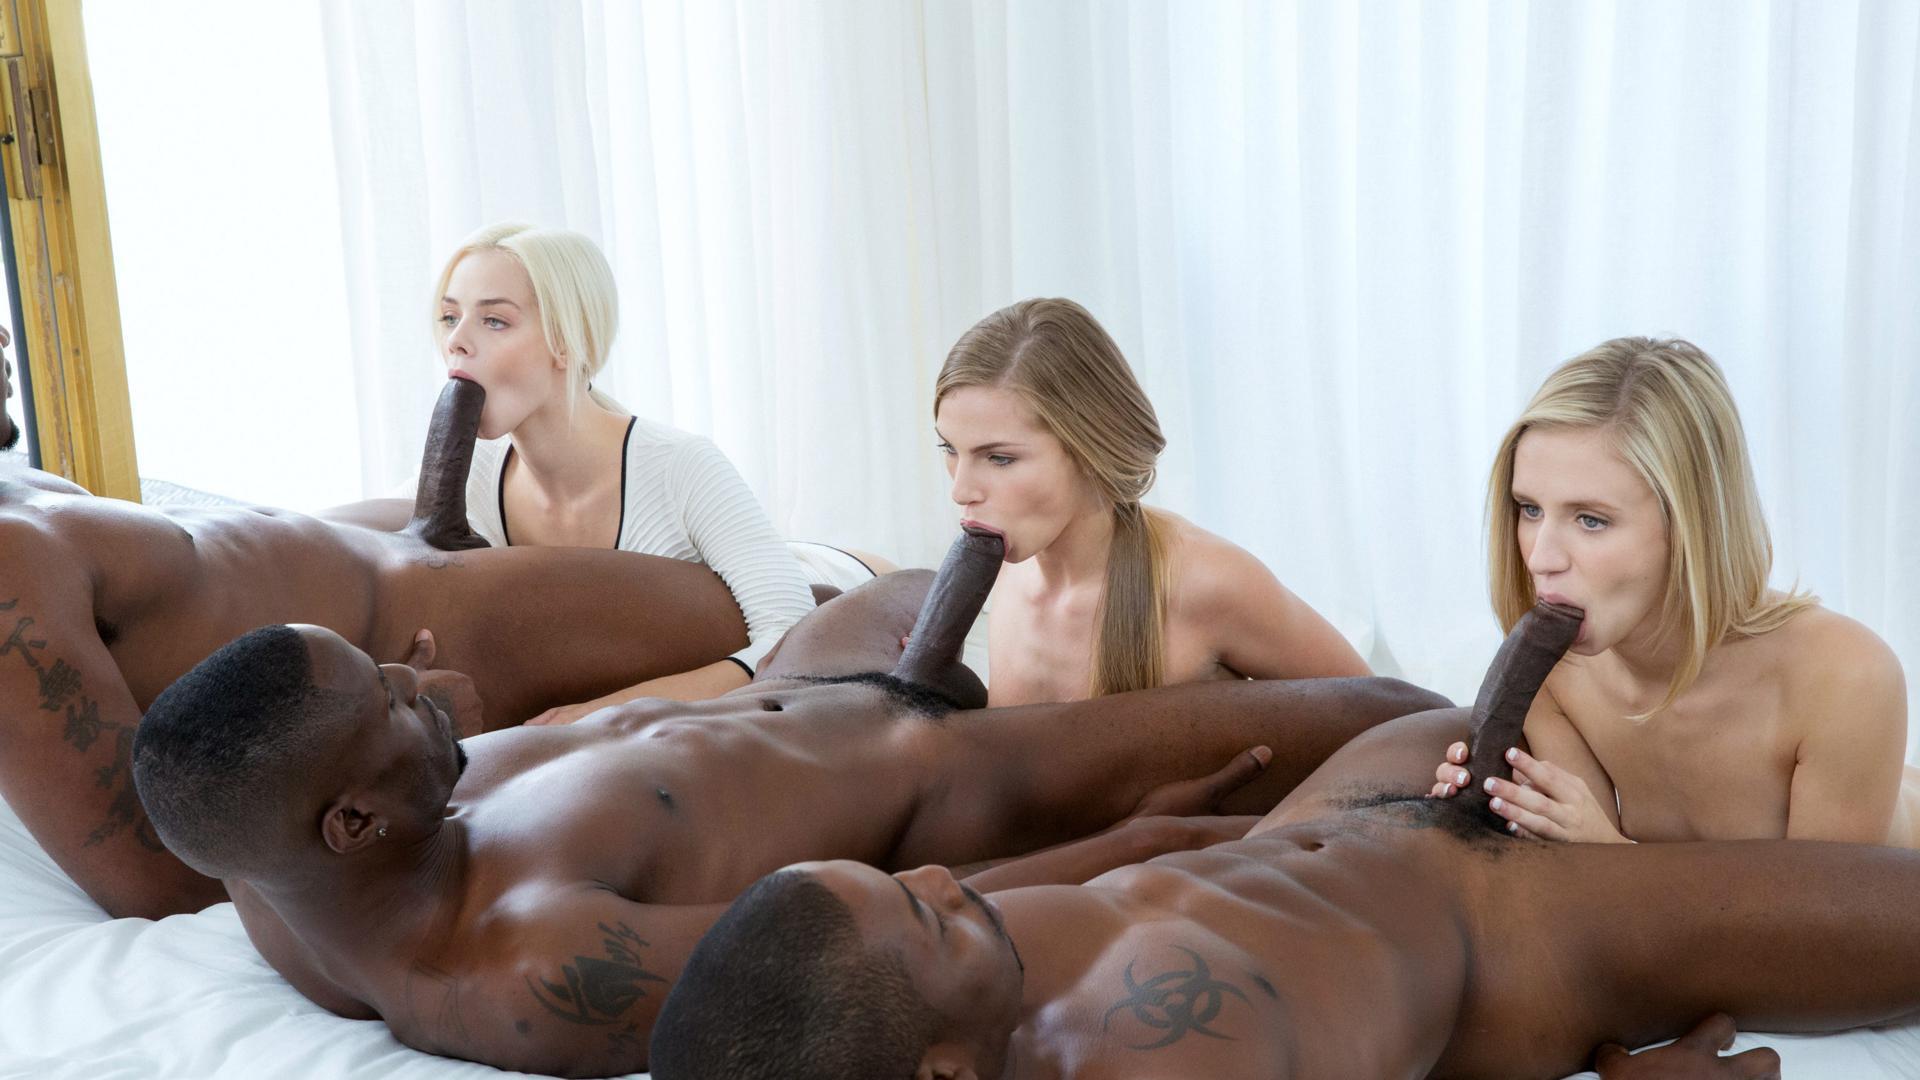 blonde girl asleep naked